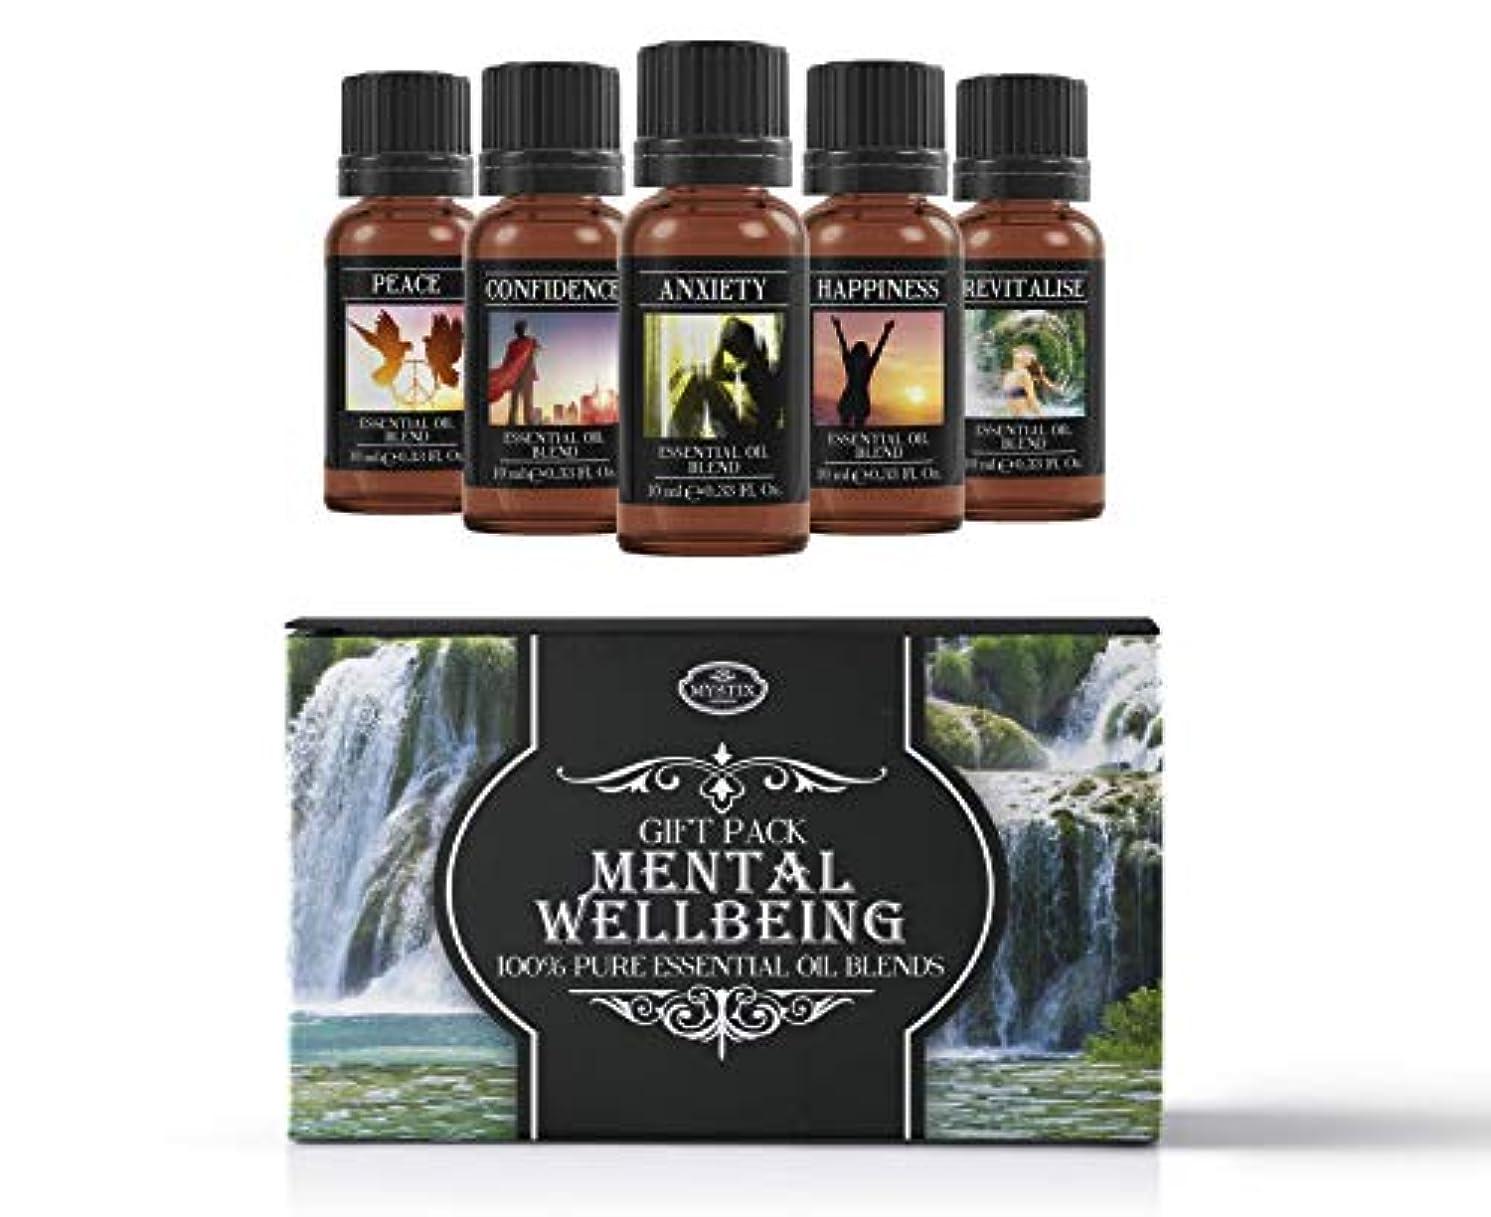 クリエイティブ分離する大気Mental Wellbeing | Essential Oil Blend Gift Pack | Anxiety, Confidence, Happiness, Peace, Revitalise | 100% Pure...